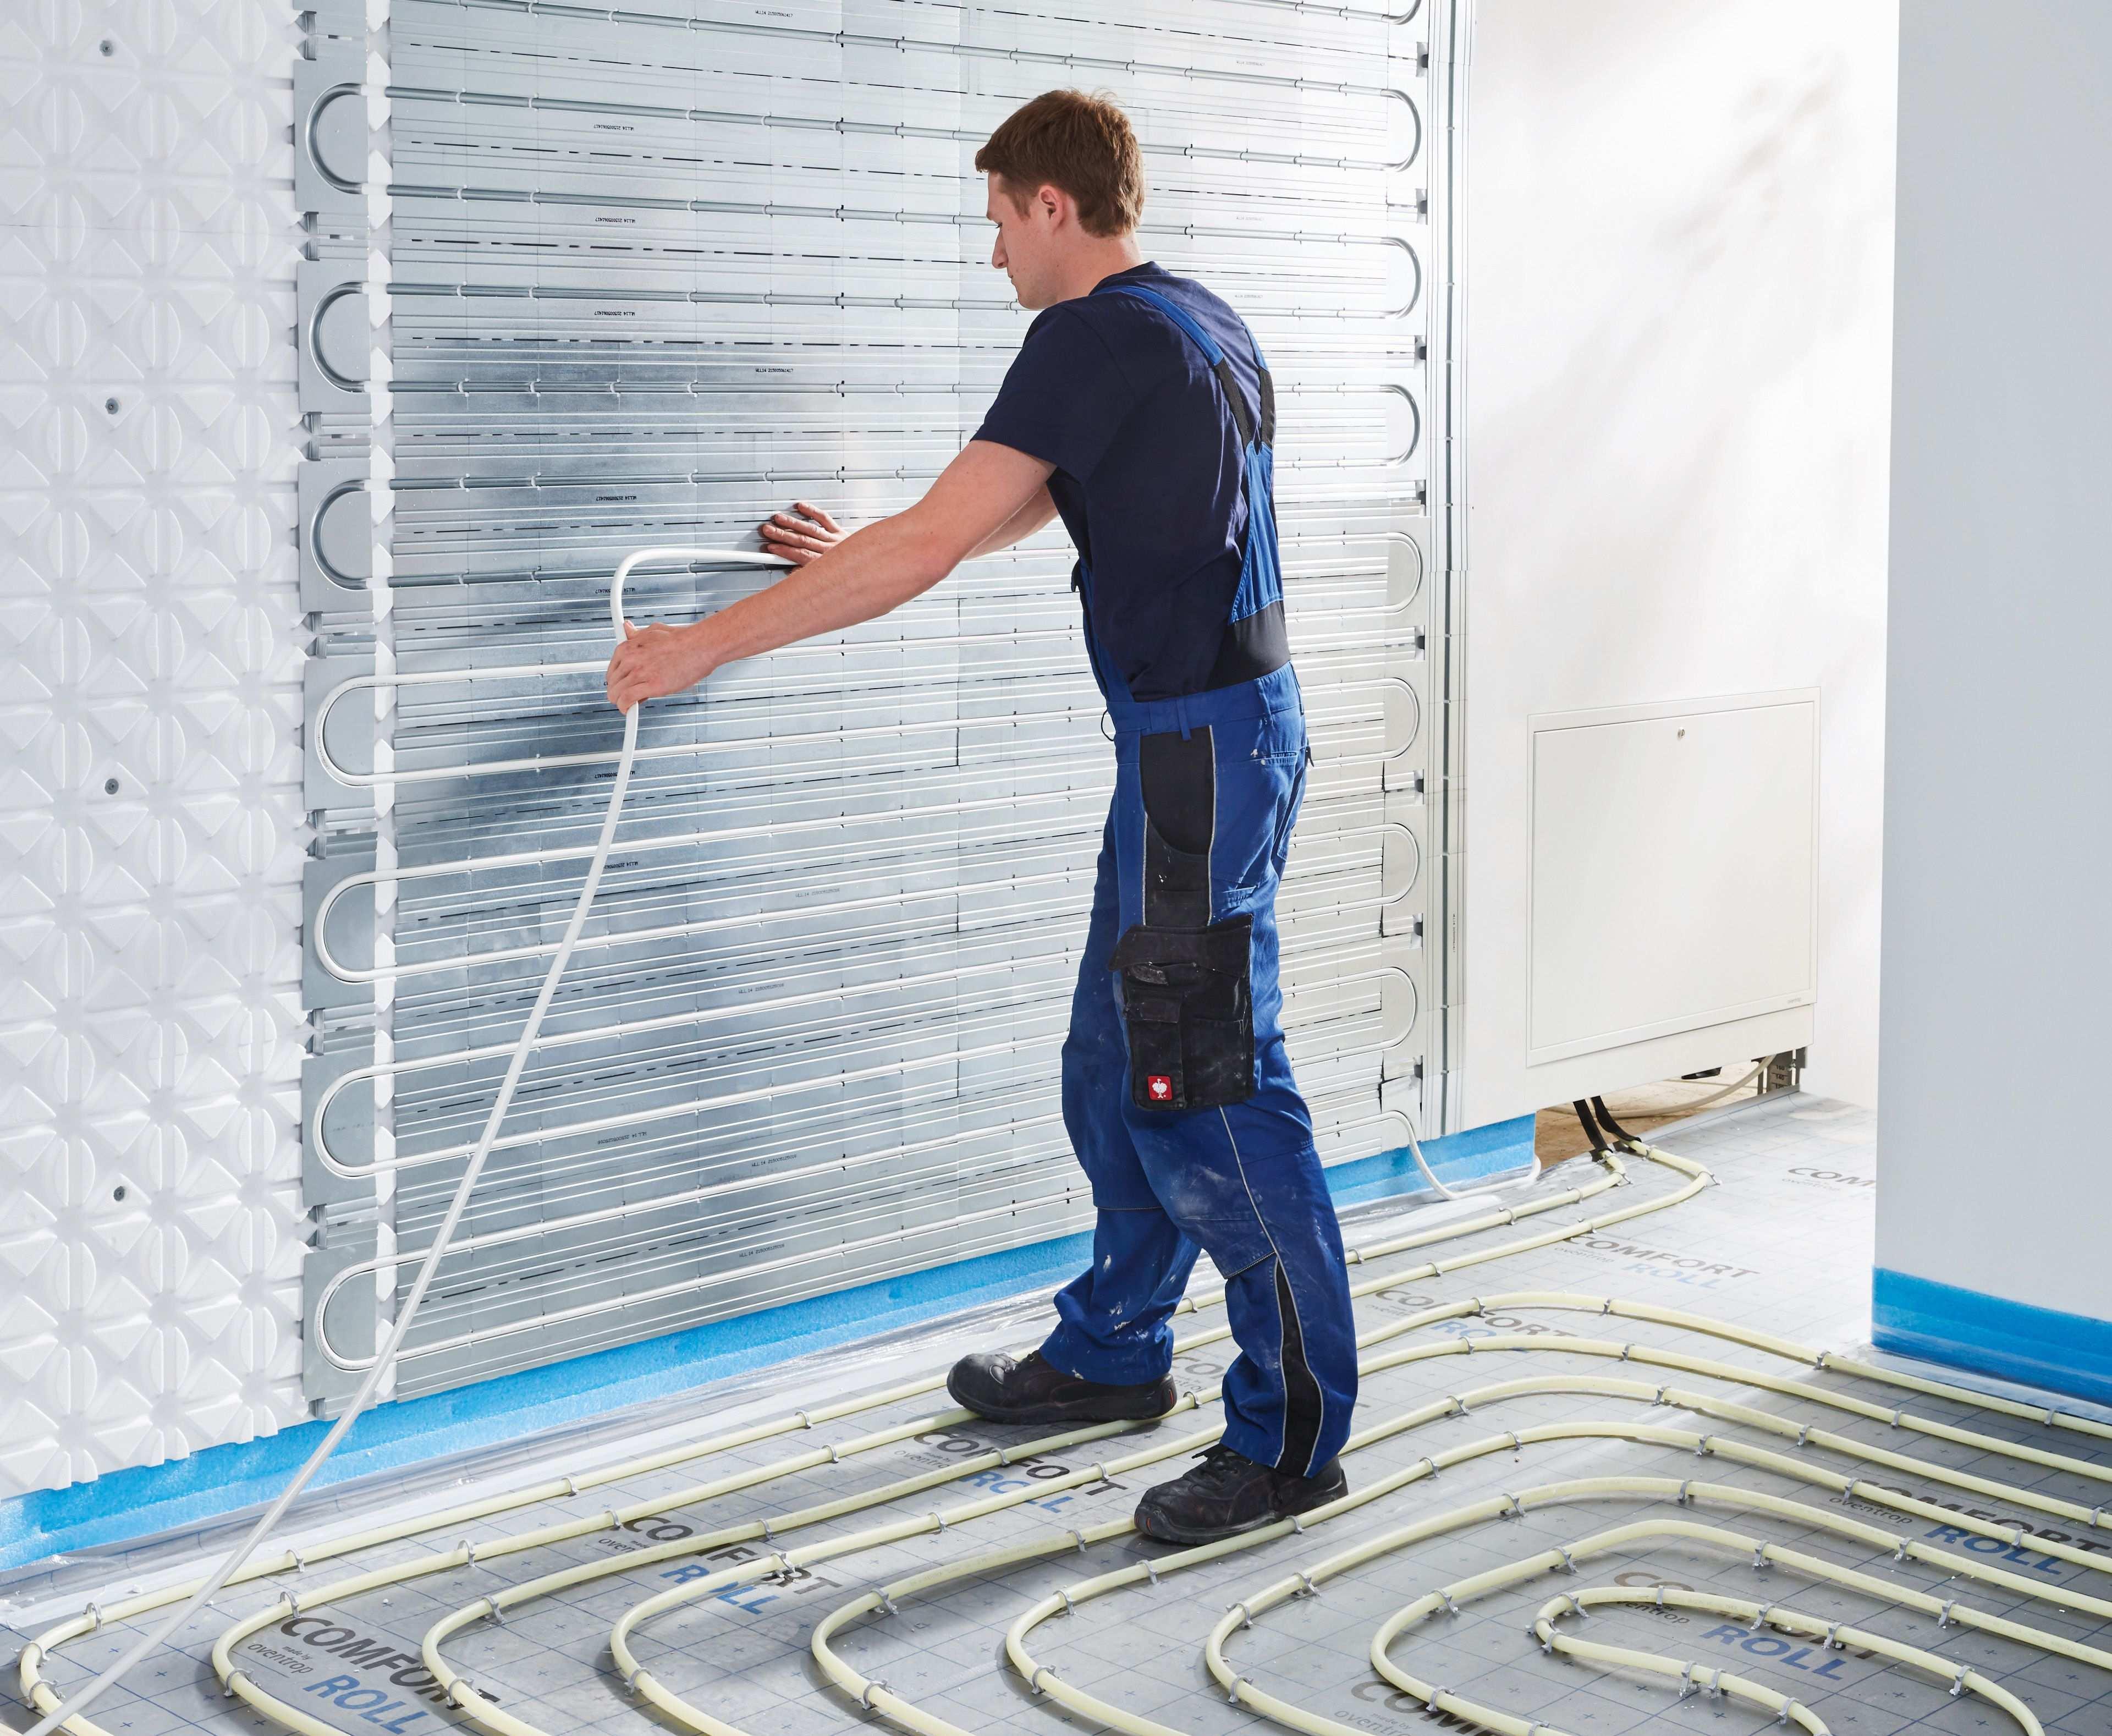 Sanibel Comfort Roll Optimierte Flachenwarme Und Kuhlung Wandheizung Haustechnik Heizkosten Sparen